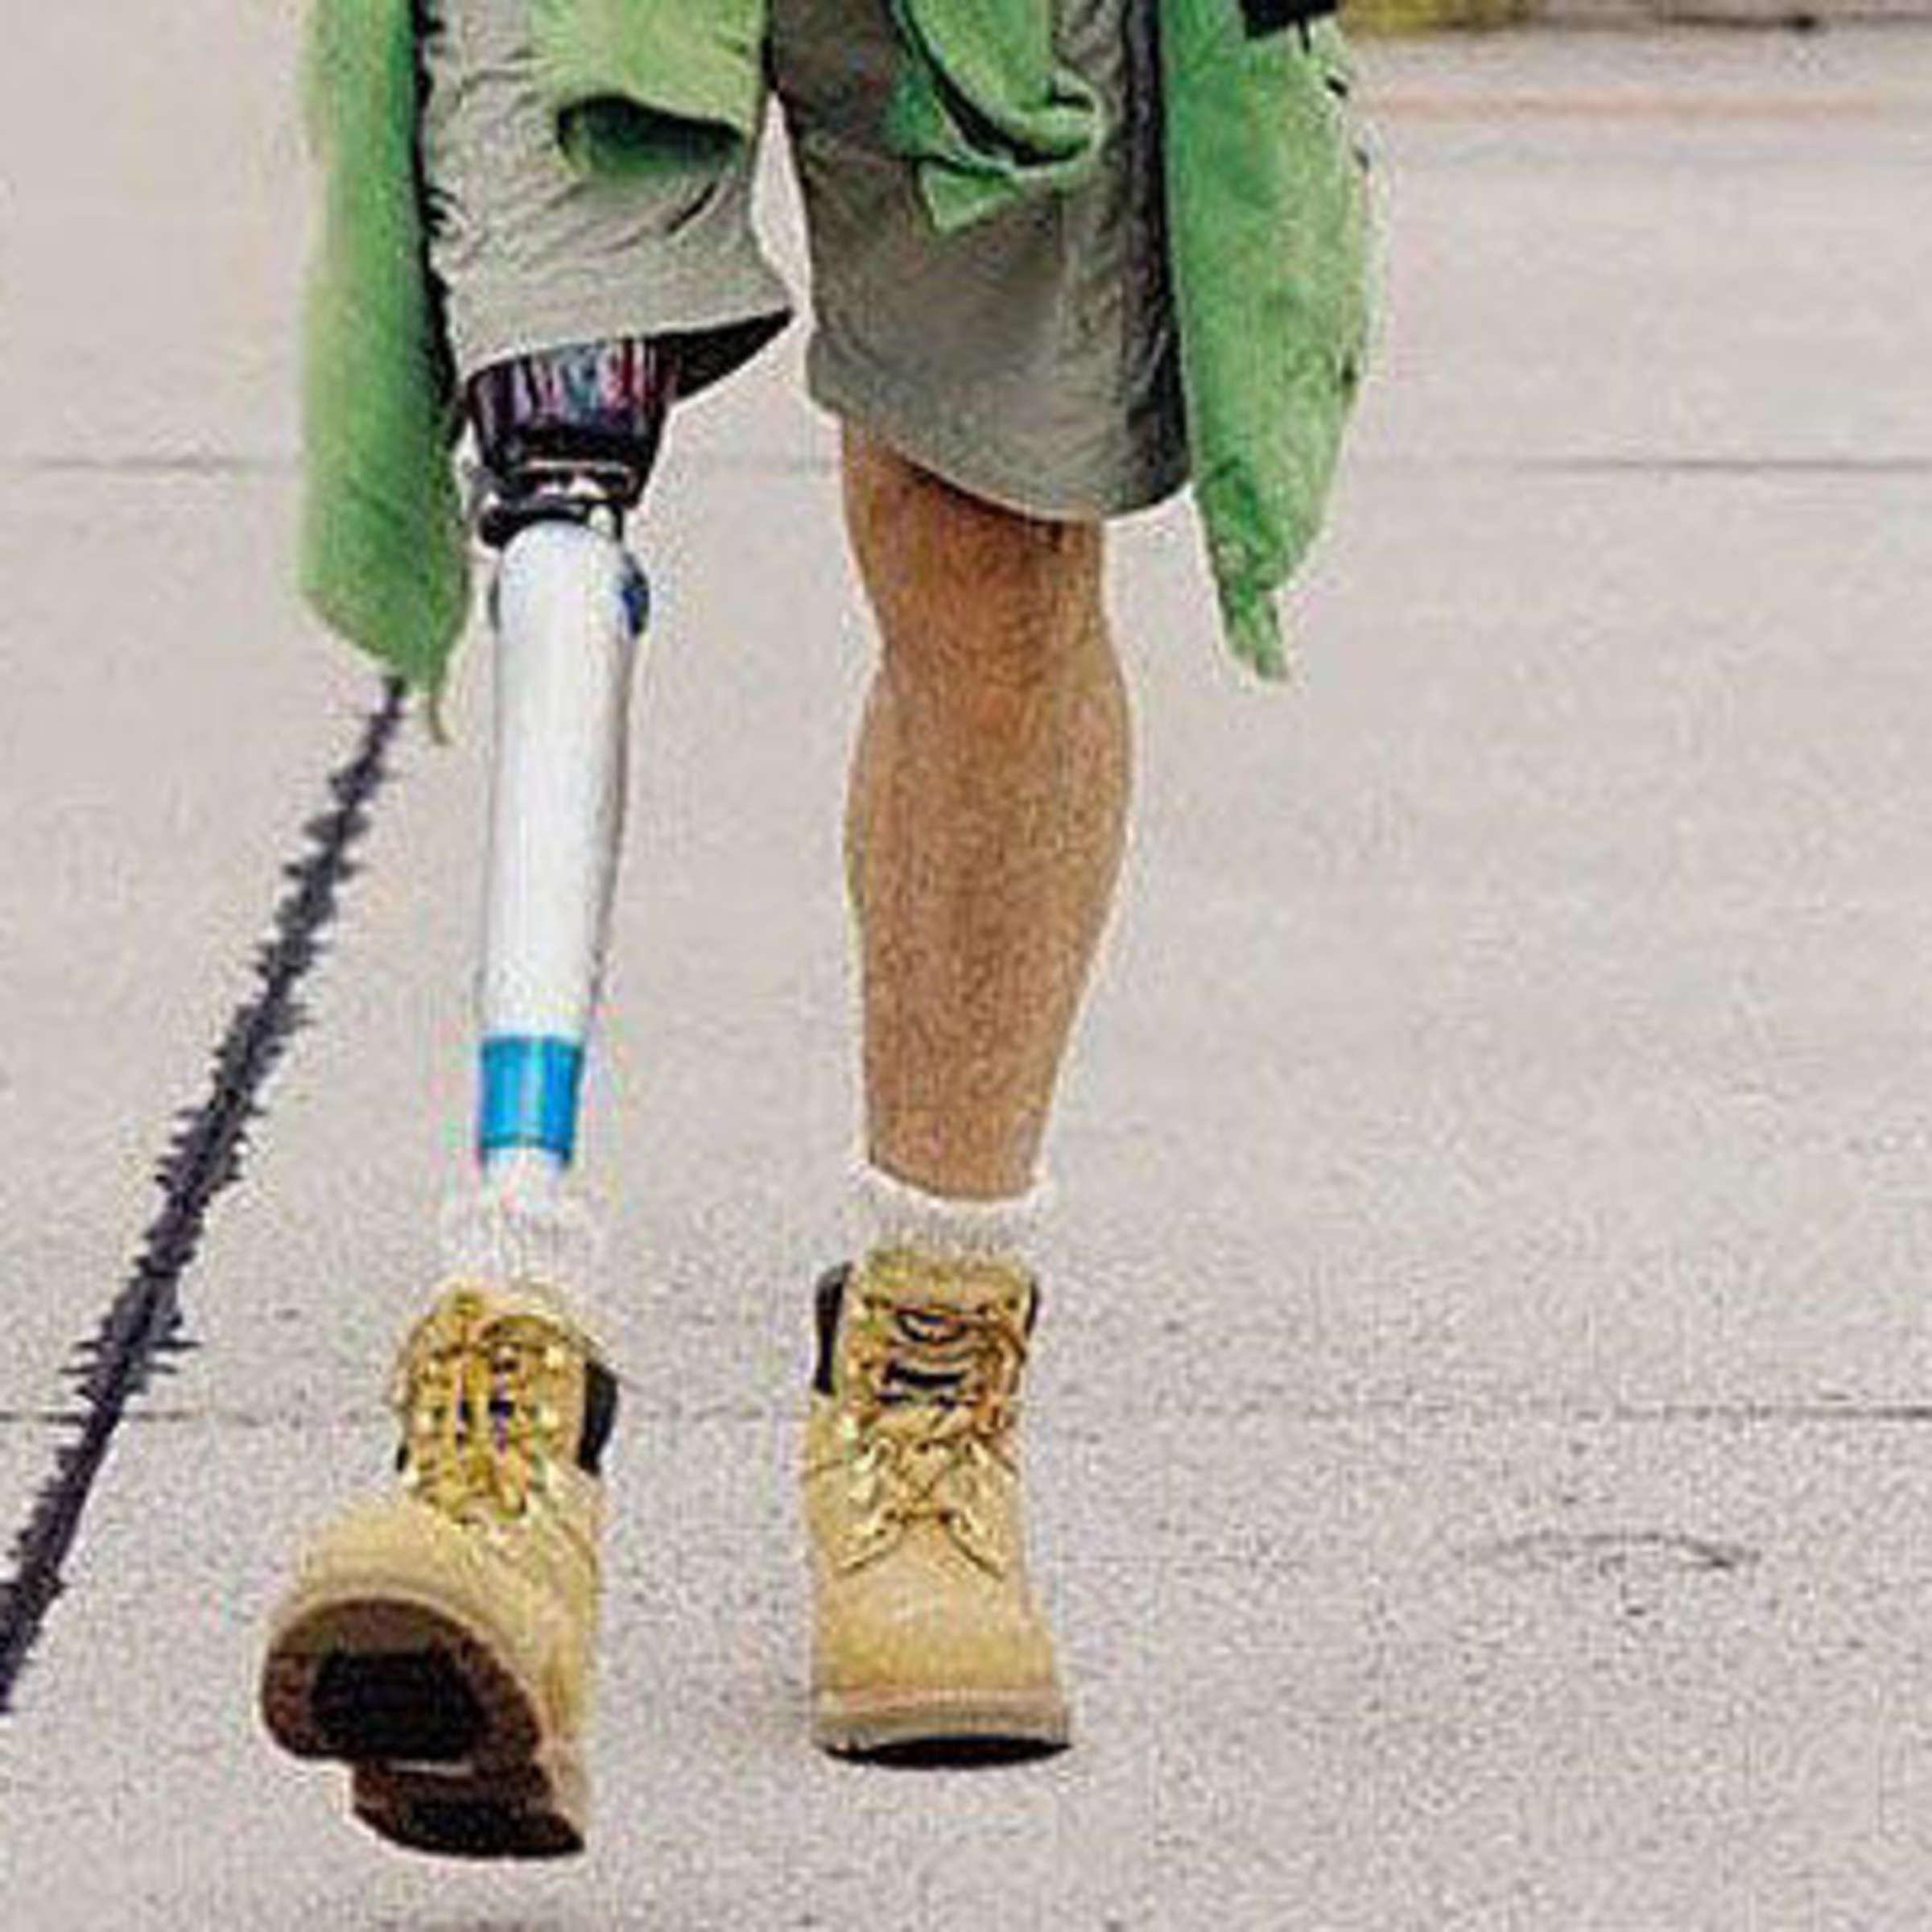 Ohne arme menschen beine und Nick Vujicic